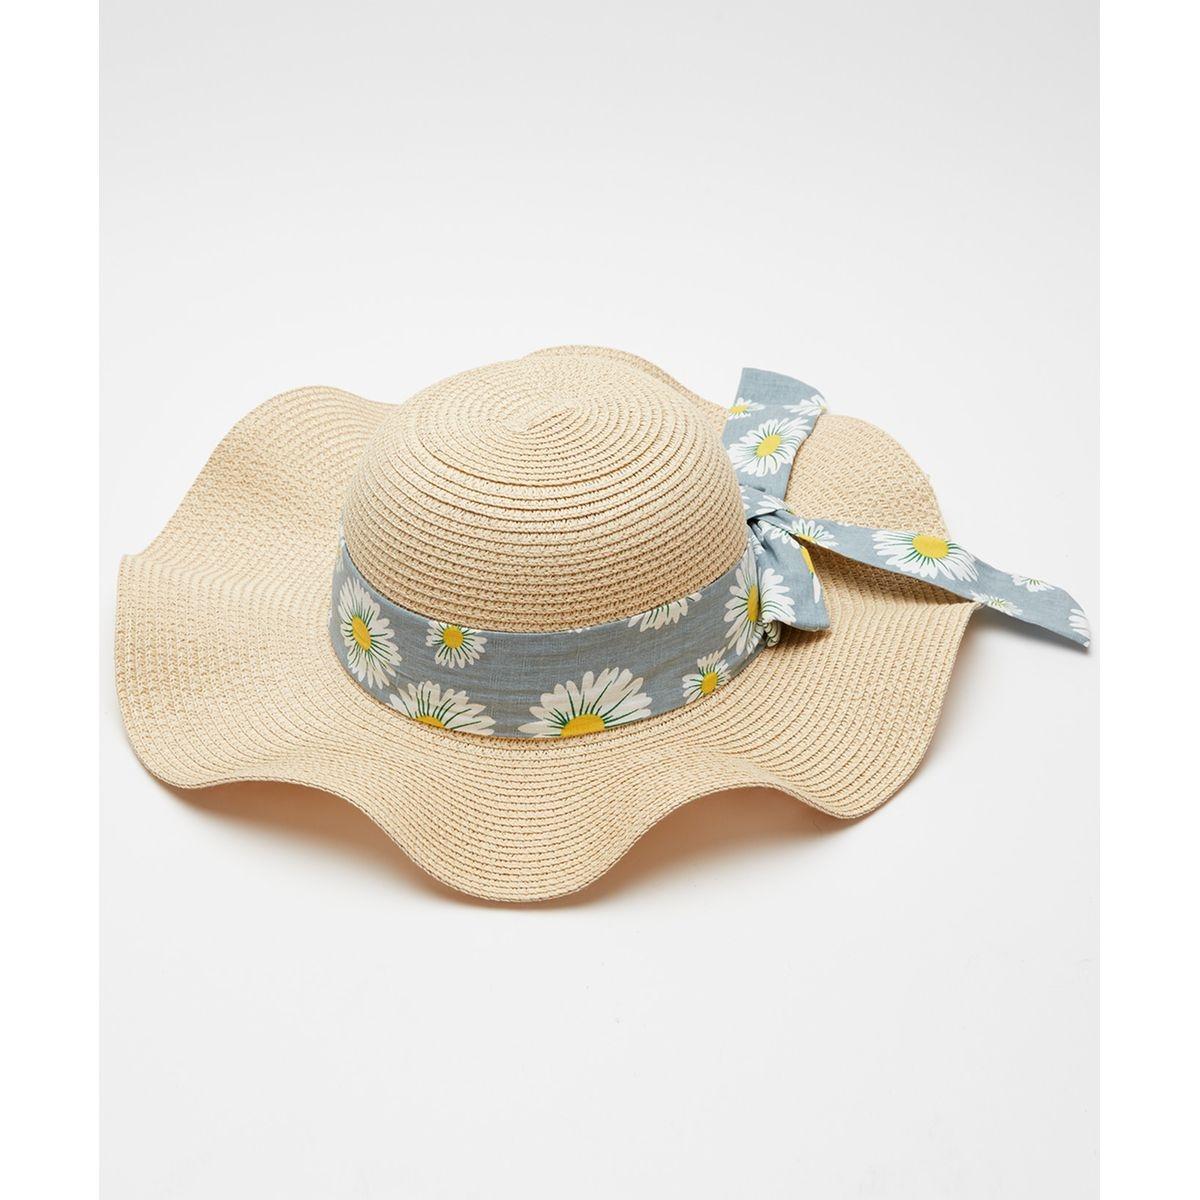 Chapeau d'ete imprime marguerite